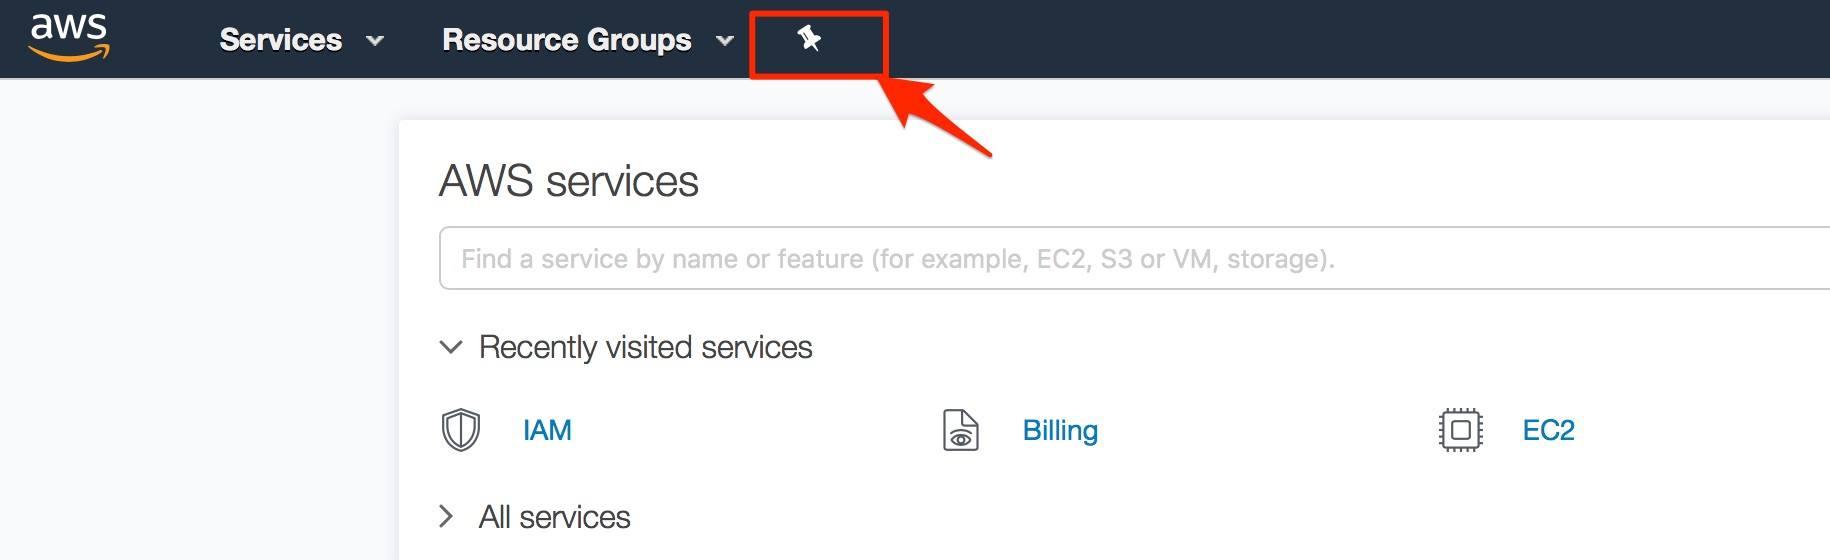 awsmc - thêm shortcut truy cập dịch vụ aws 1